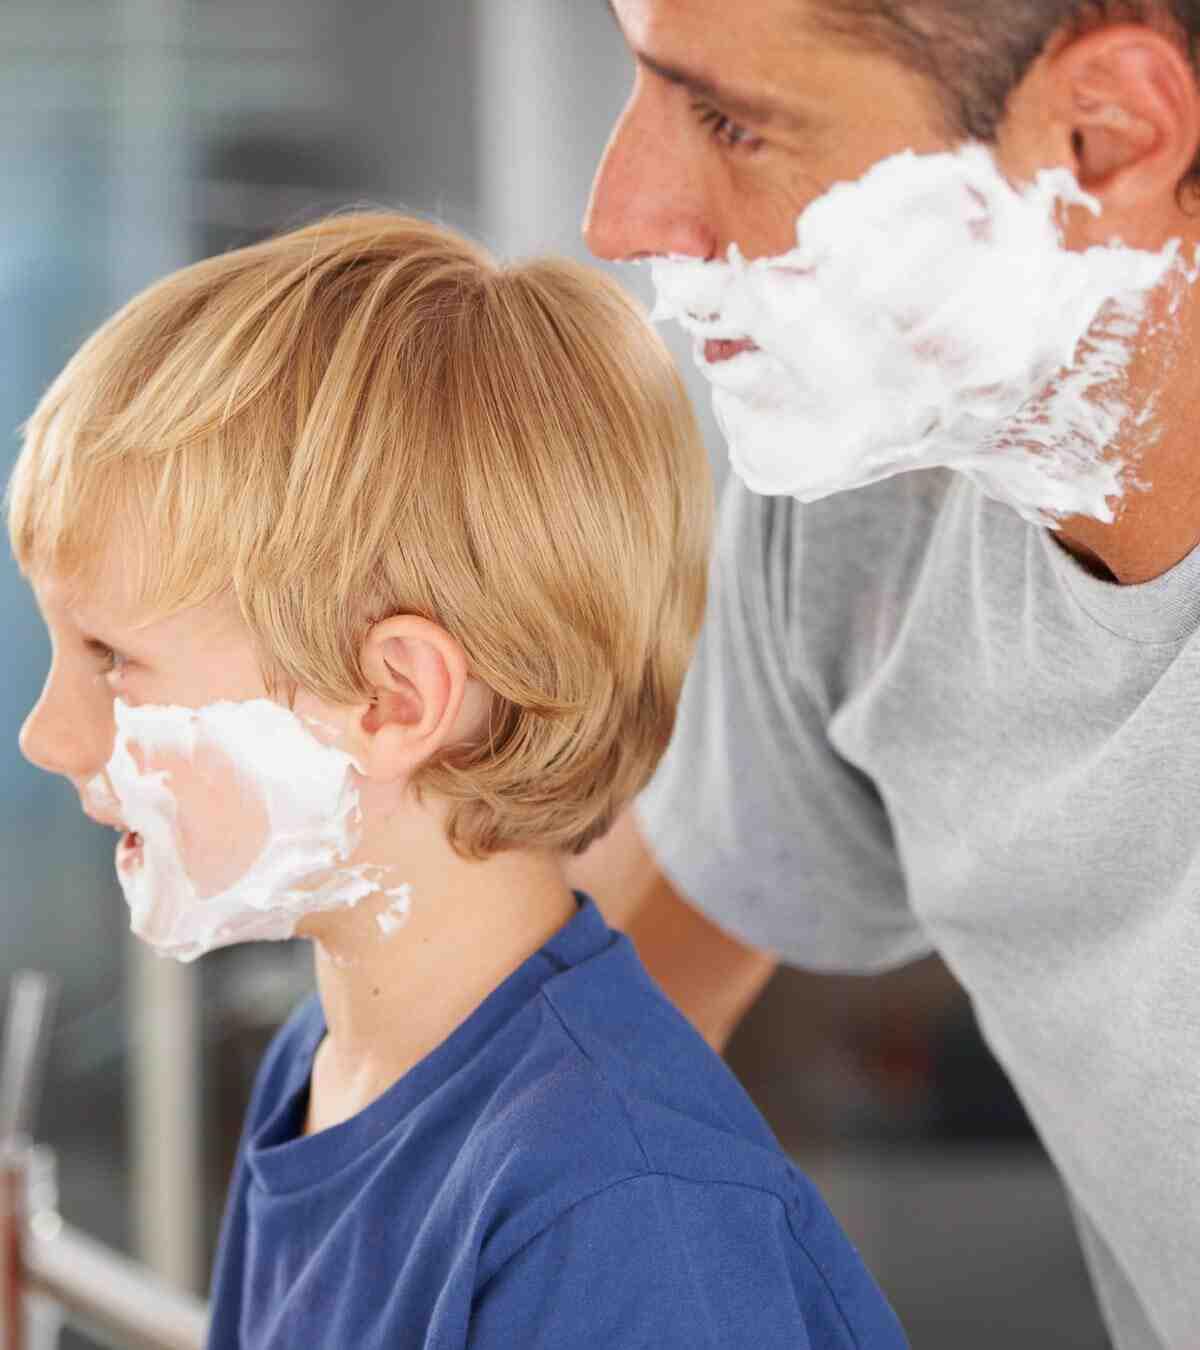 Est-ce Haram de se raser la barbe ?